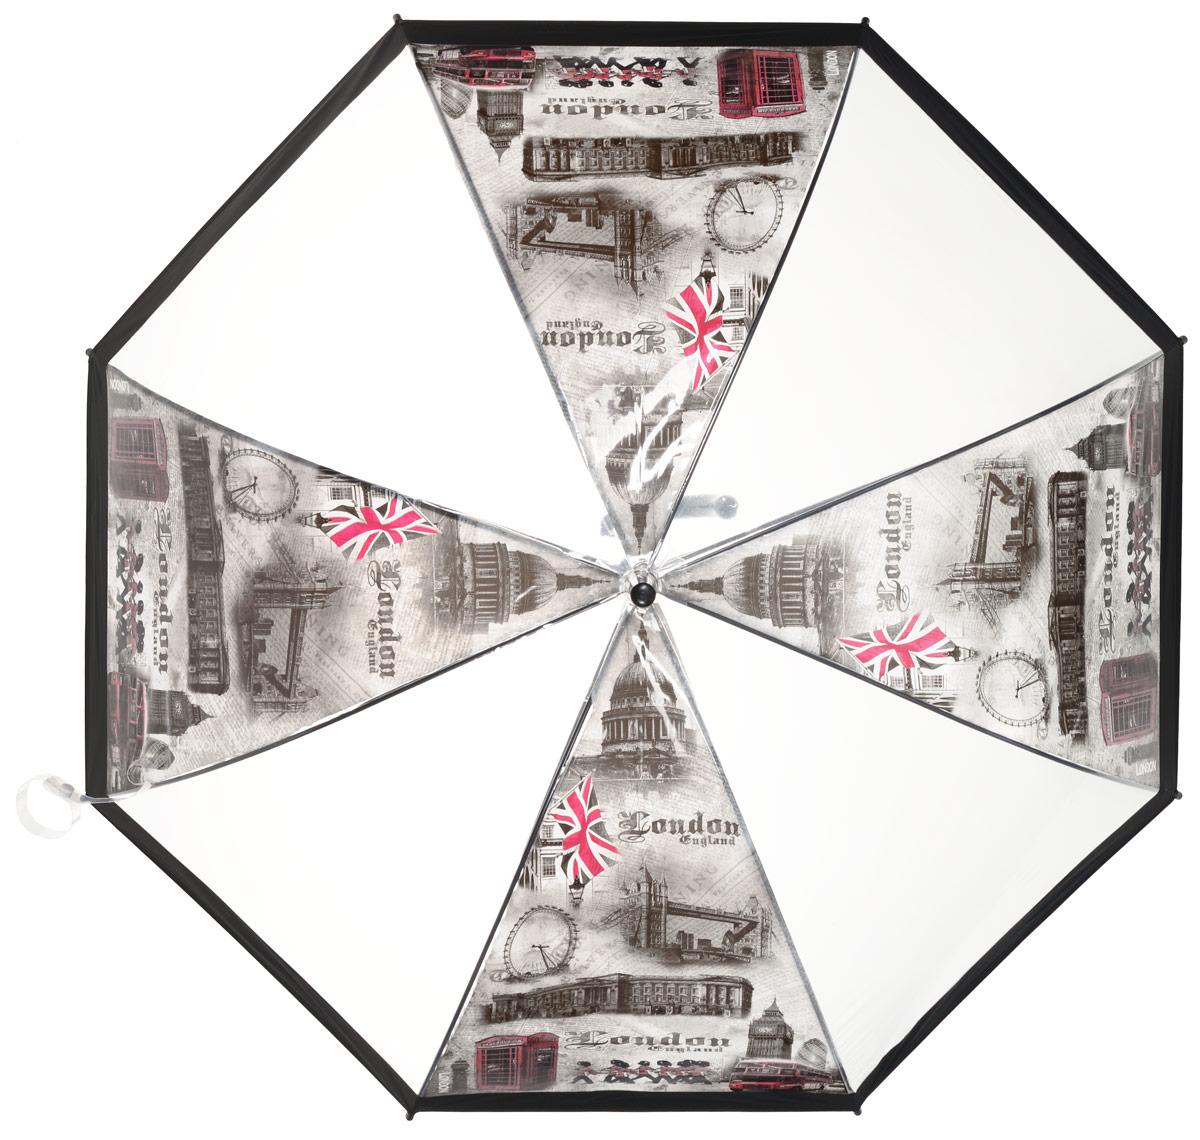 Зонт-трость женский Эврика Лондон, полуавтомат, 2 сложения, цвет: прозрачный, черный, красный. 9660396603Оригинальный женский зонт-трость Эврика не оставит вас без внимания. Изделие оформлено вставками с изображением достопримечательностей Англии. Зонт состоит из стержня и спиц, изготовленных из металла. Купол изготовлен из качественного ПВХ, который надежно защитит вас от дождя. Зонт дополнен удобной ручкой из пластика, которая выполнена в виде крючка. Также зонт имеет пластиковый наконечник, который устраняет попадание воды на стержень и уберегает зонт от повреждений. Изделие имеет полуавтоматический механизм сложения: купол открывается нажатием кнопки на ручке, а складывается вручную до характерного щелчка. Зонт закрывается хлястиком на кнопку. Такой зонт не только надежно защитит от дождя, но и подчеркнет ваш образ и сделает его интереснее.